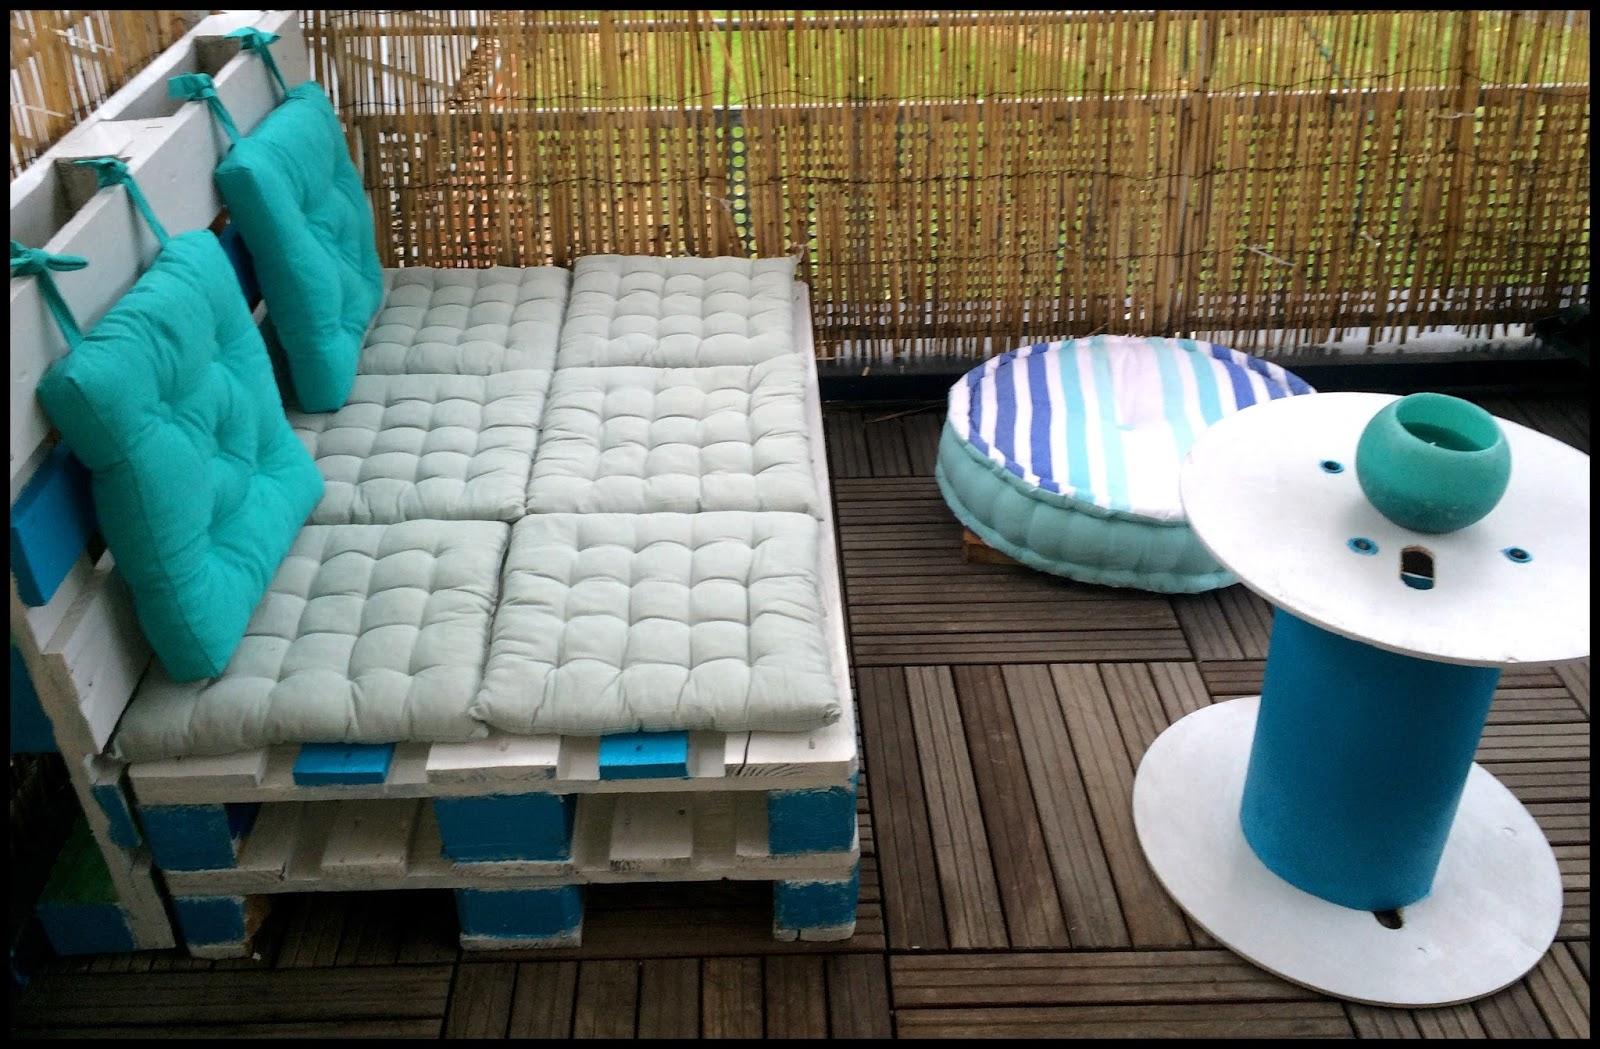 Photo cousin de salon de jardin décoration de jardin extérieur | Cefig